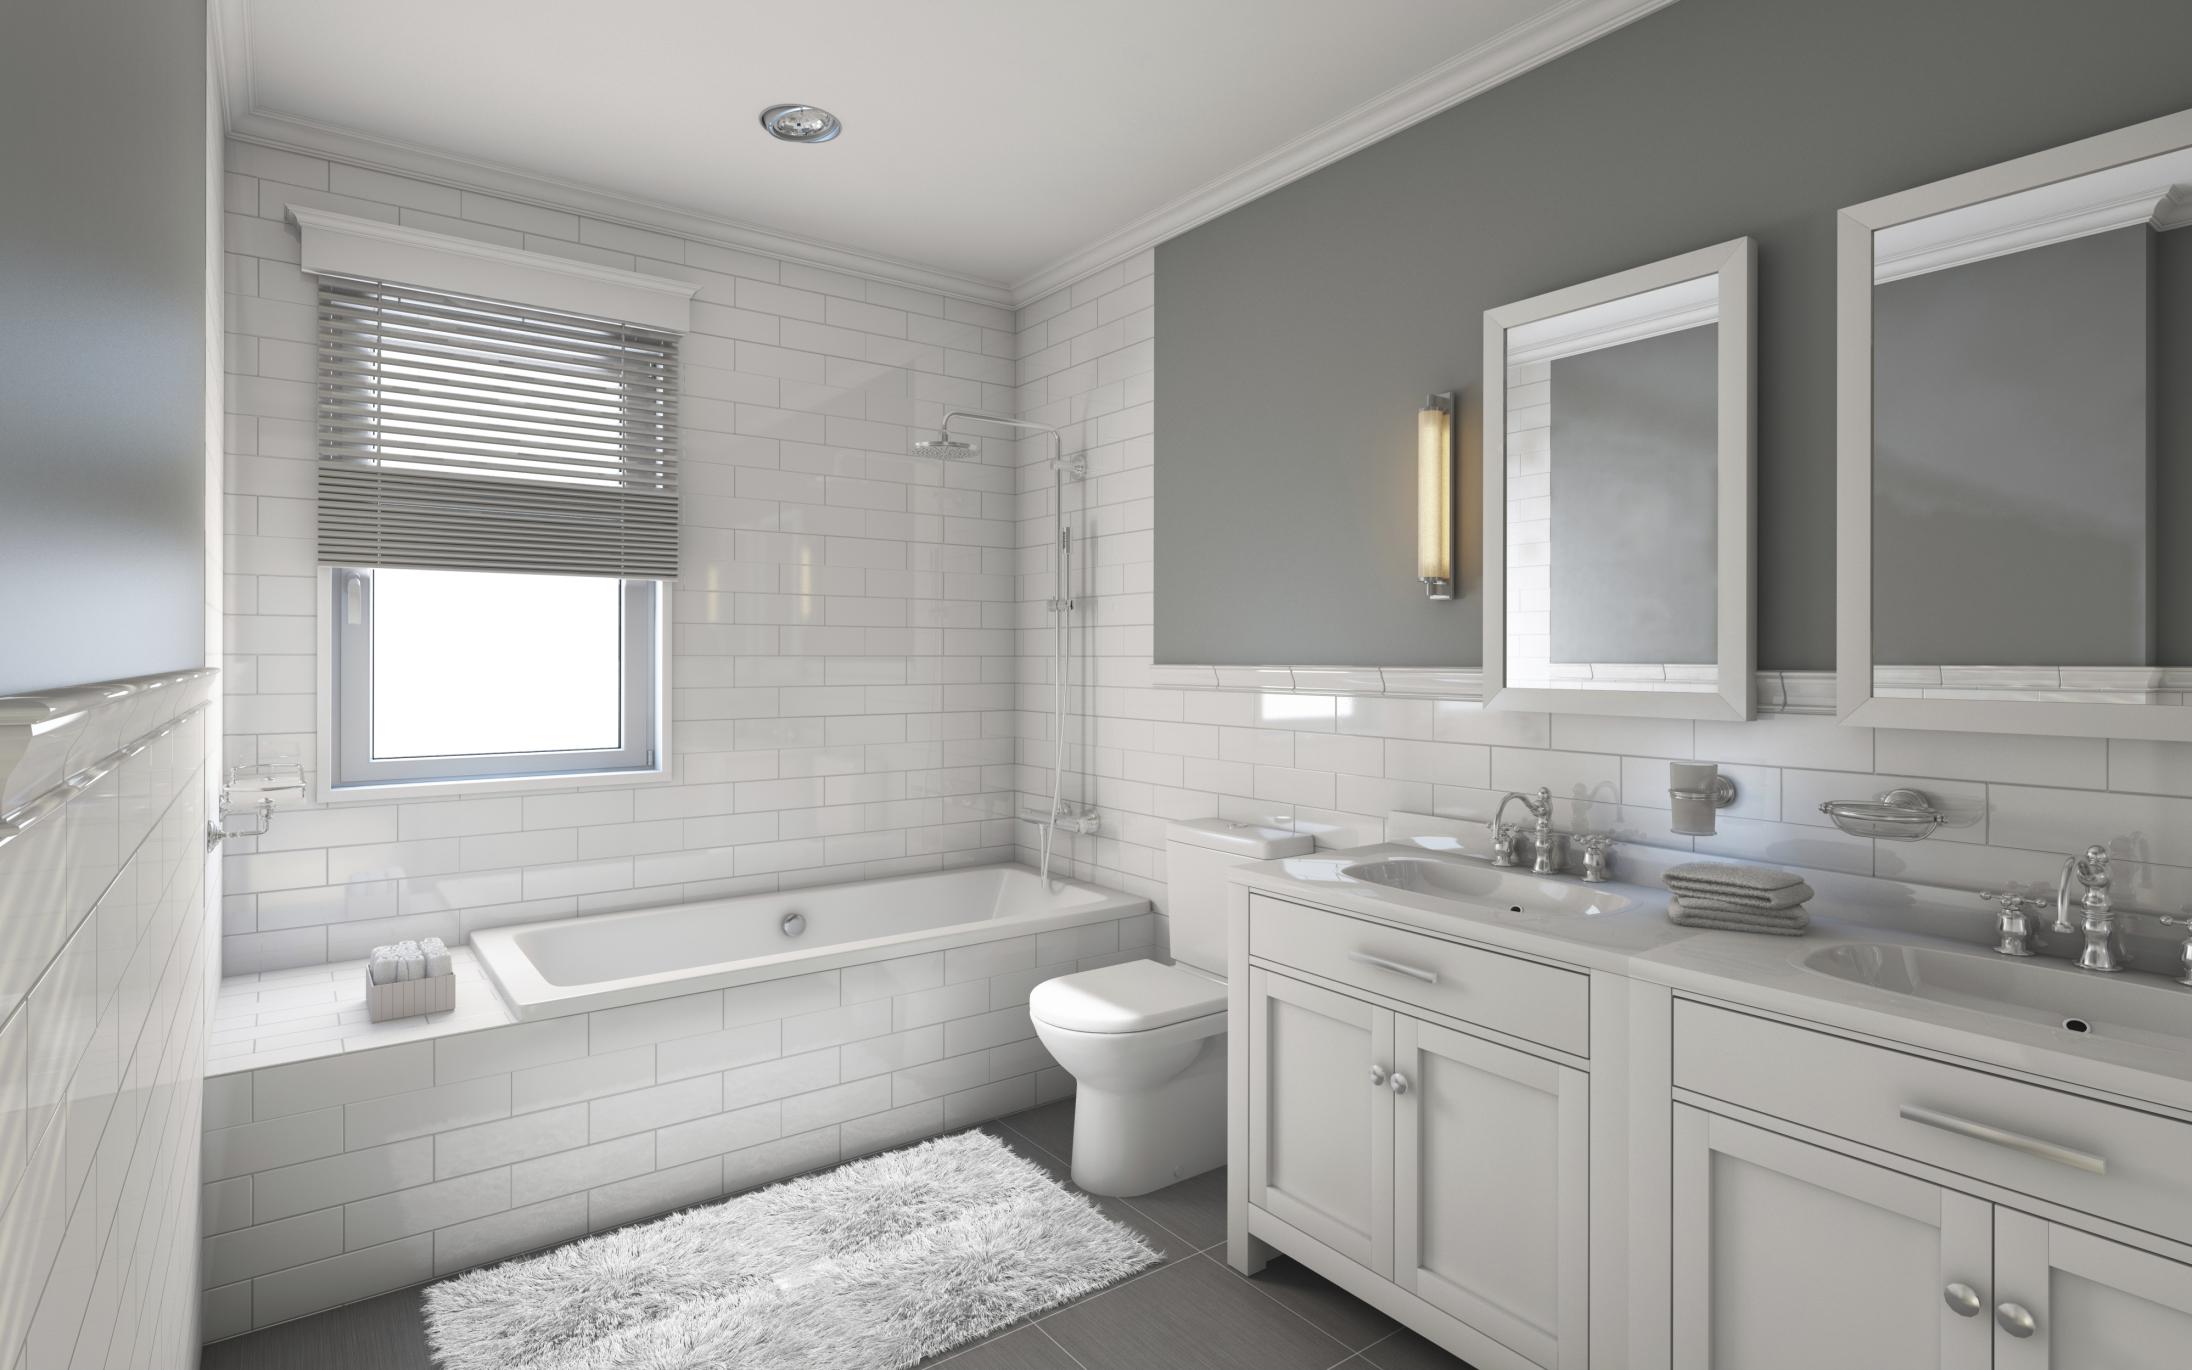 koupelny-home-bydleni (3)